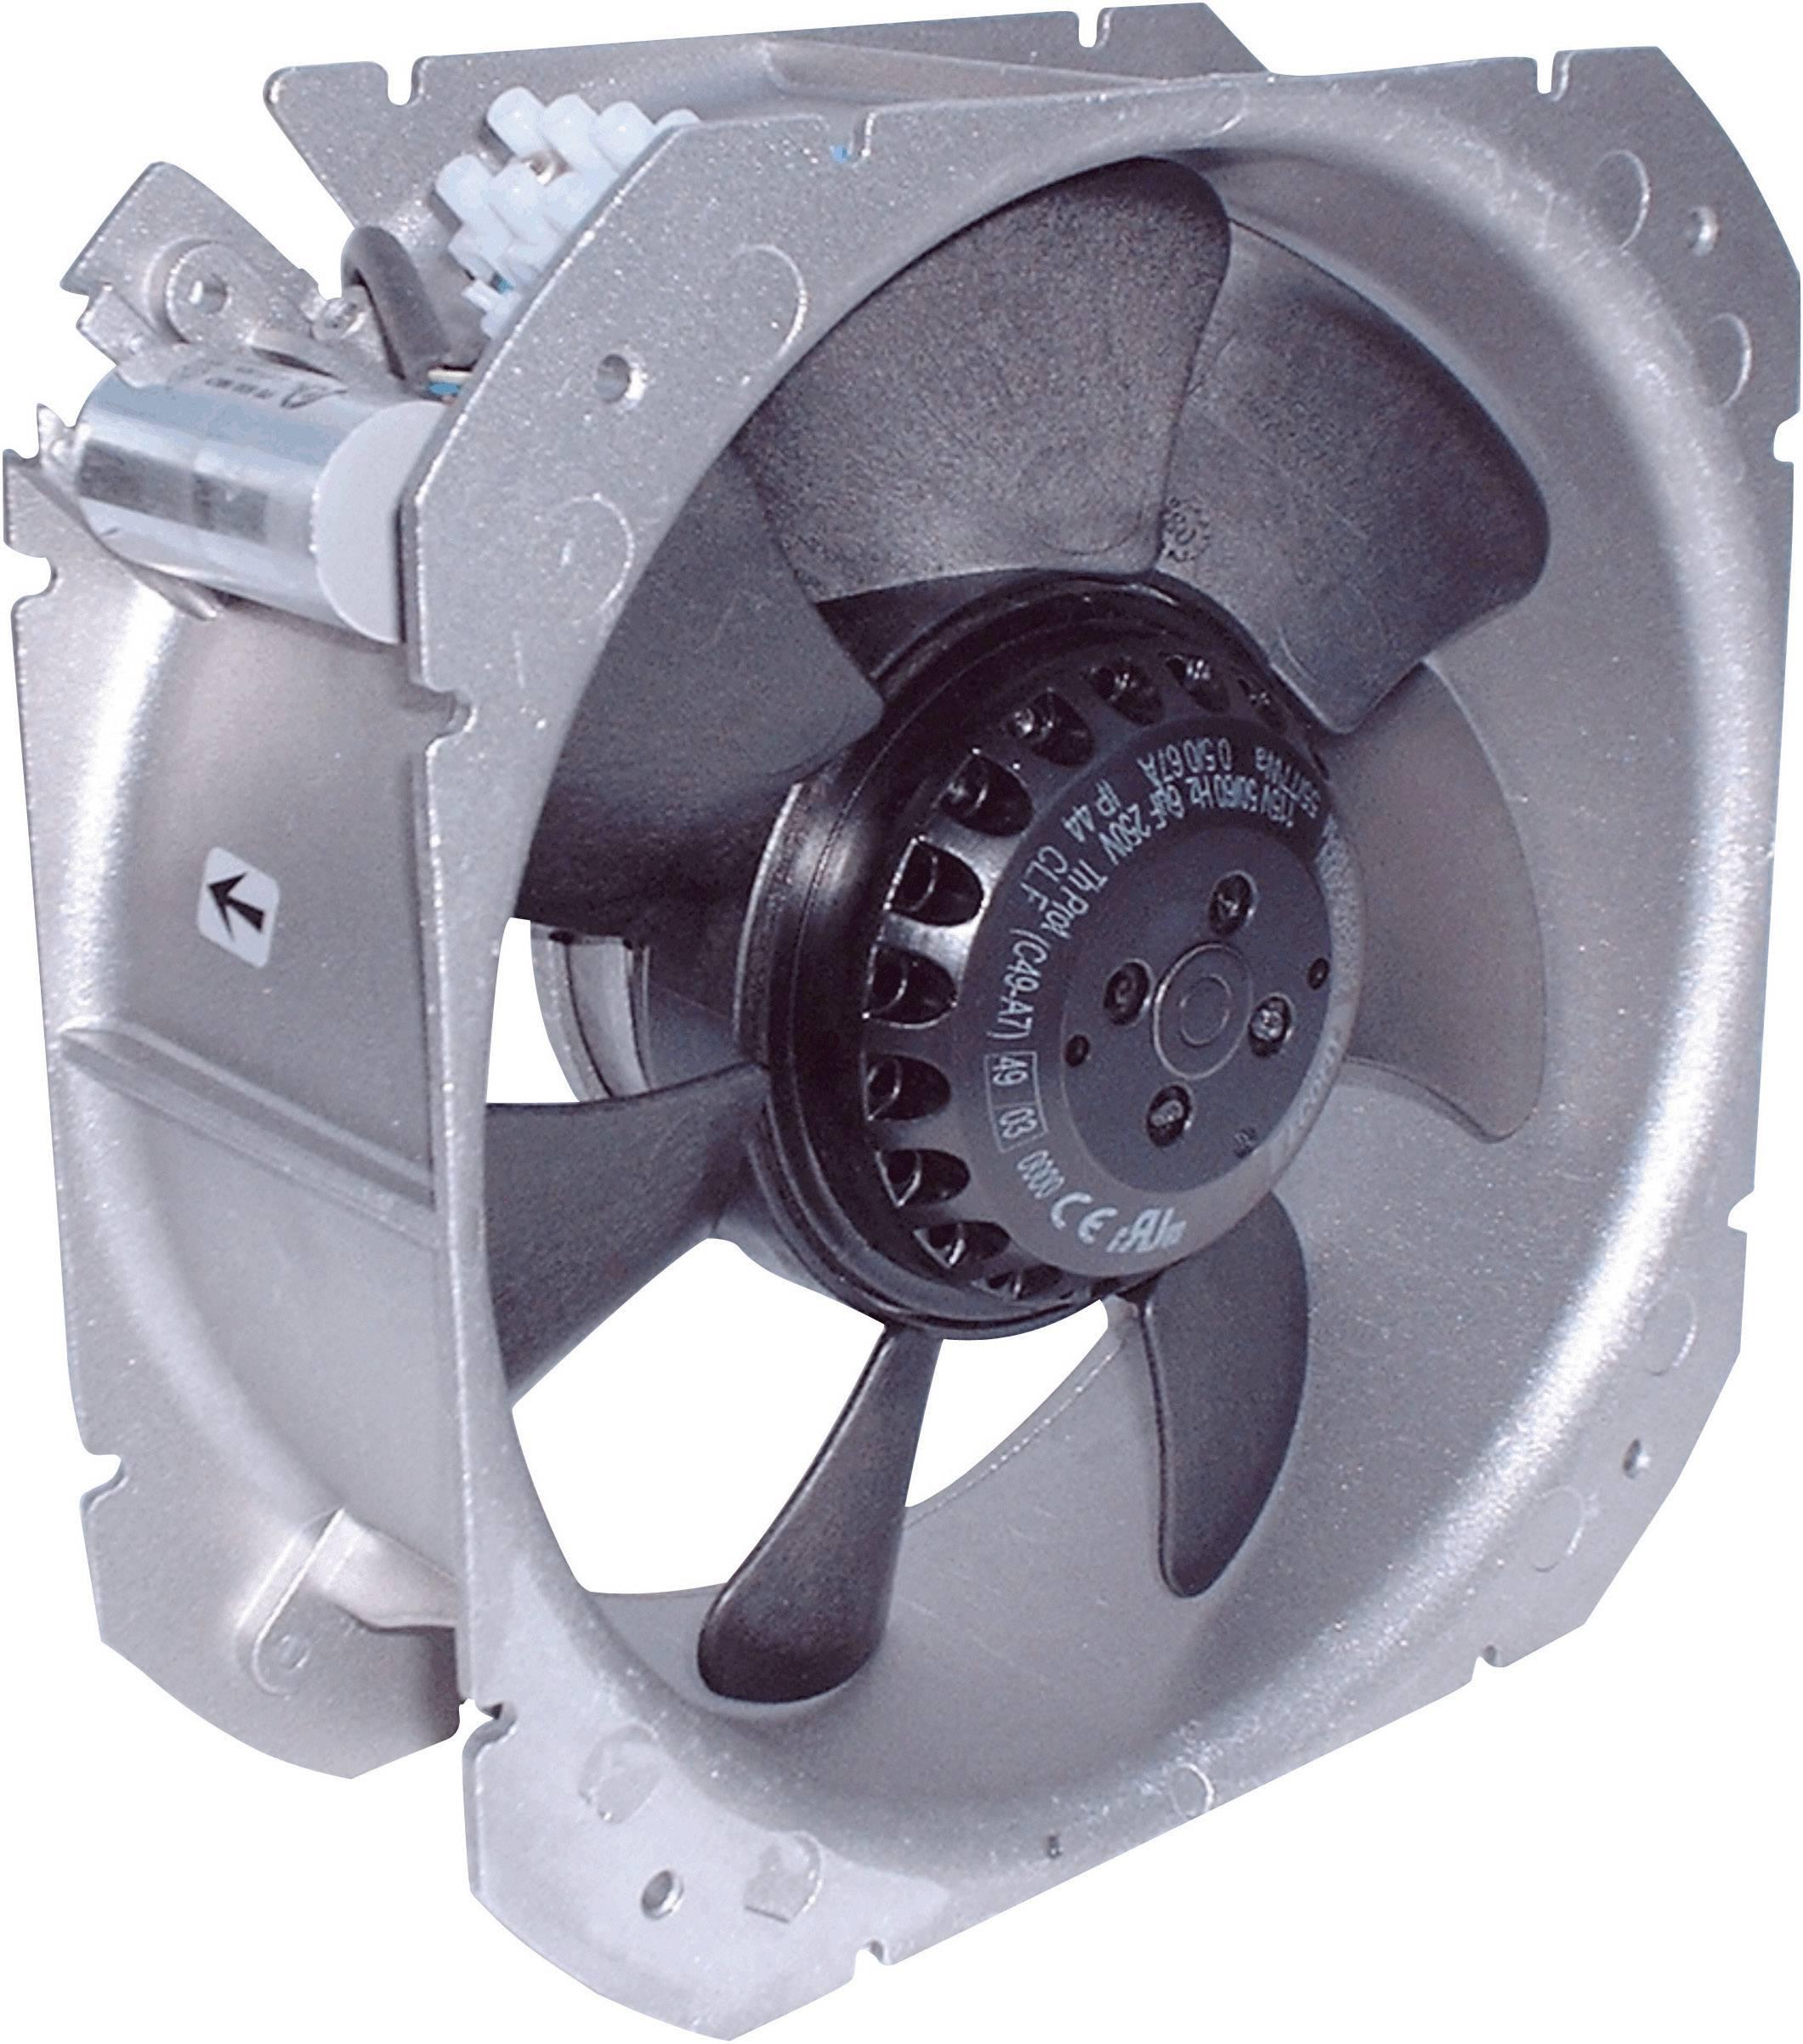 Axiálny ventilátor Ecofit 2VGC25 200V (C23-A6) 2VGC25 200V (C23-A6), 230 V/AC, 65 dB (A), (d x š x v) 218 x 218 x 83 mm